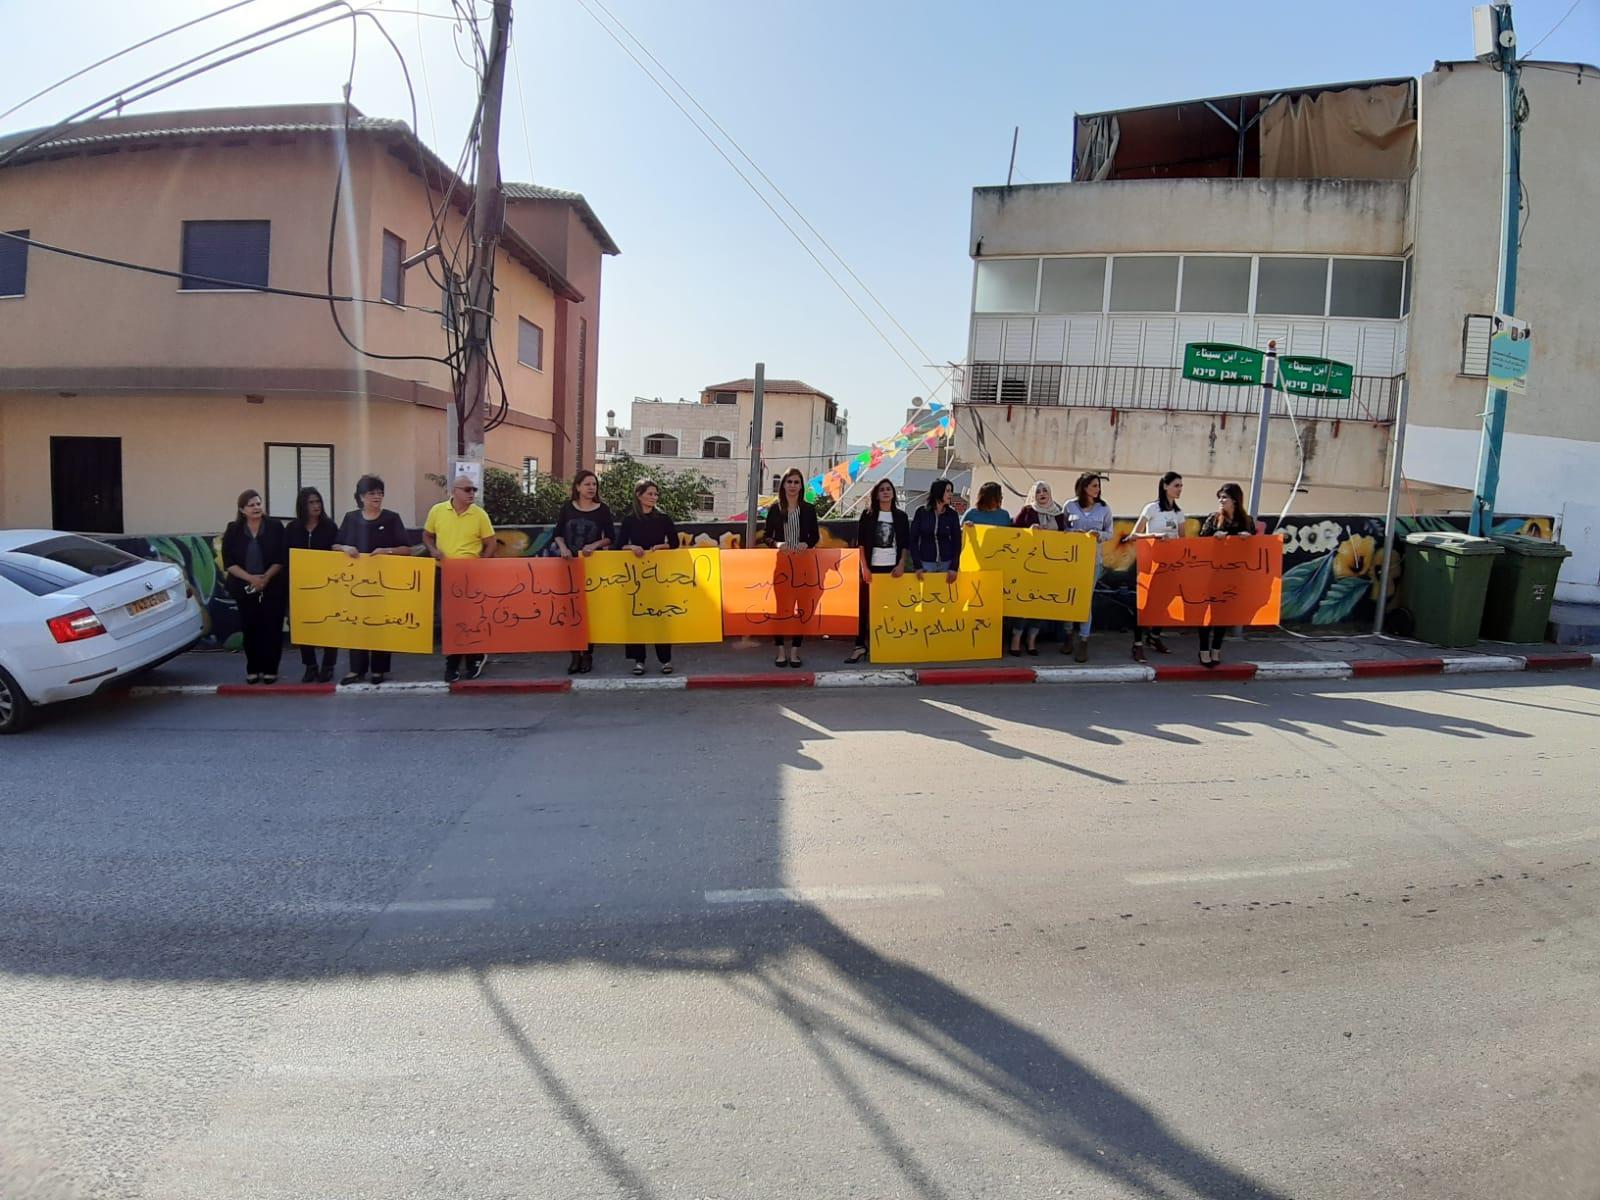 طرعان: وقفة احتجاجية على أعمال العنف والجريمة الأخيرة